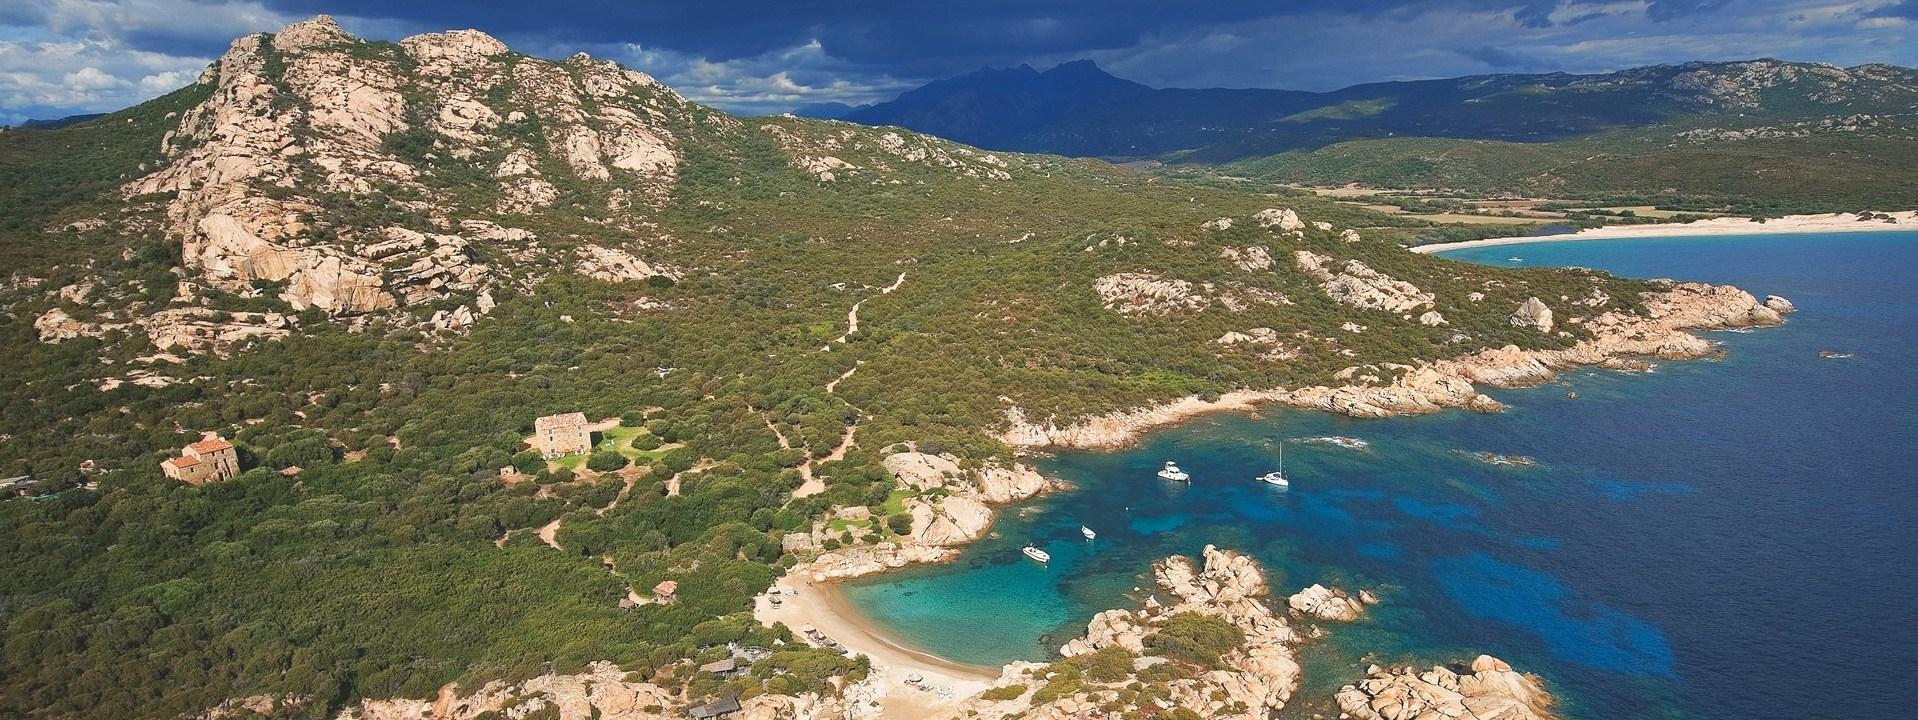 aerial-view-corsica-coast